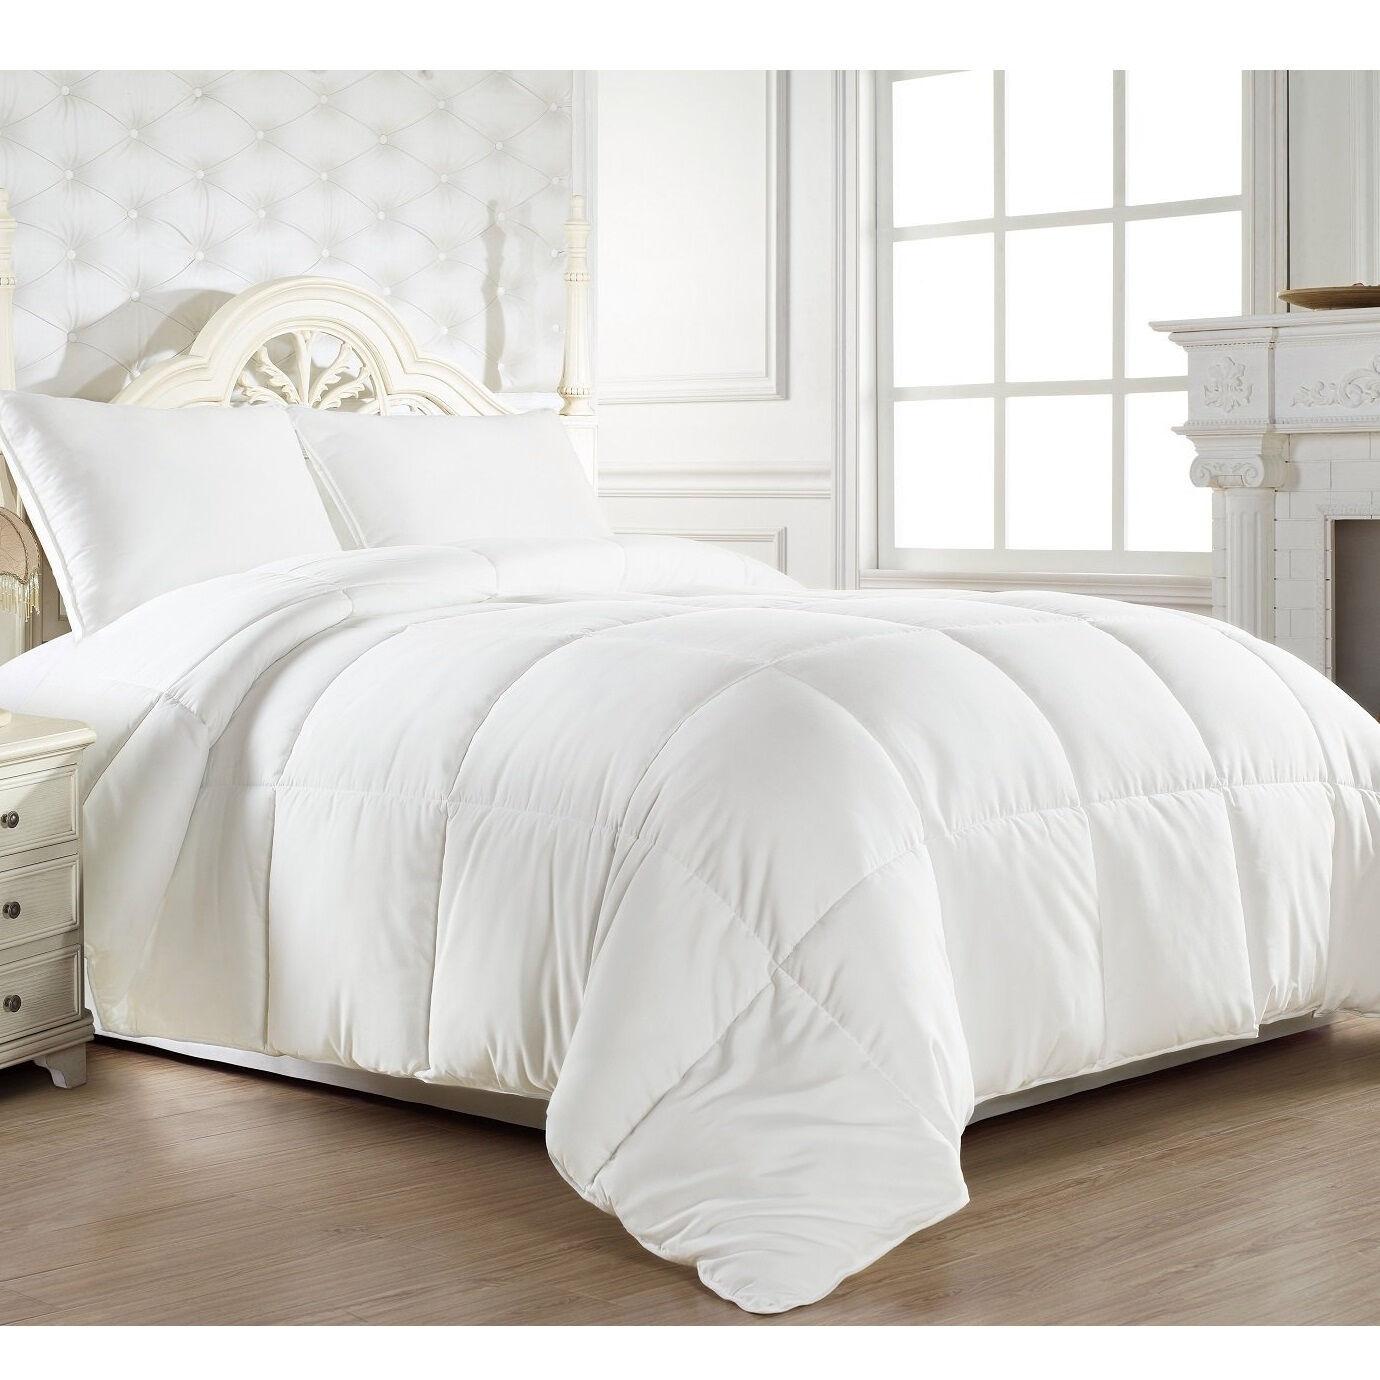 Down Alternative Bed Comforters Regular & Oversize